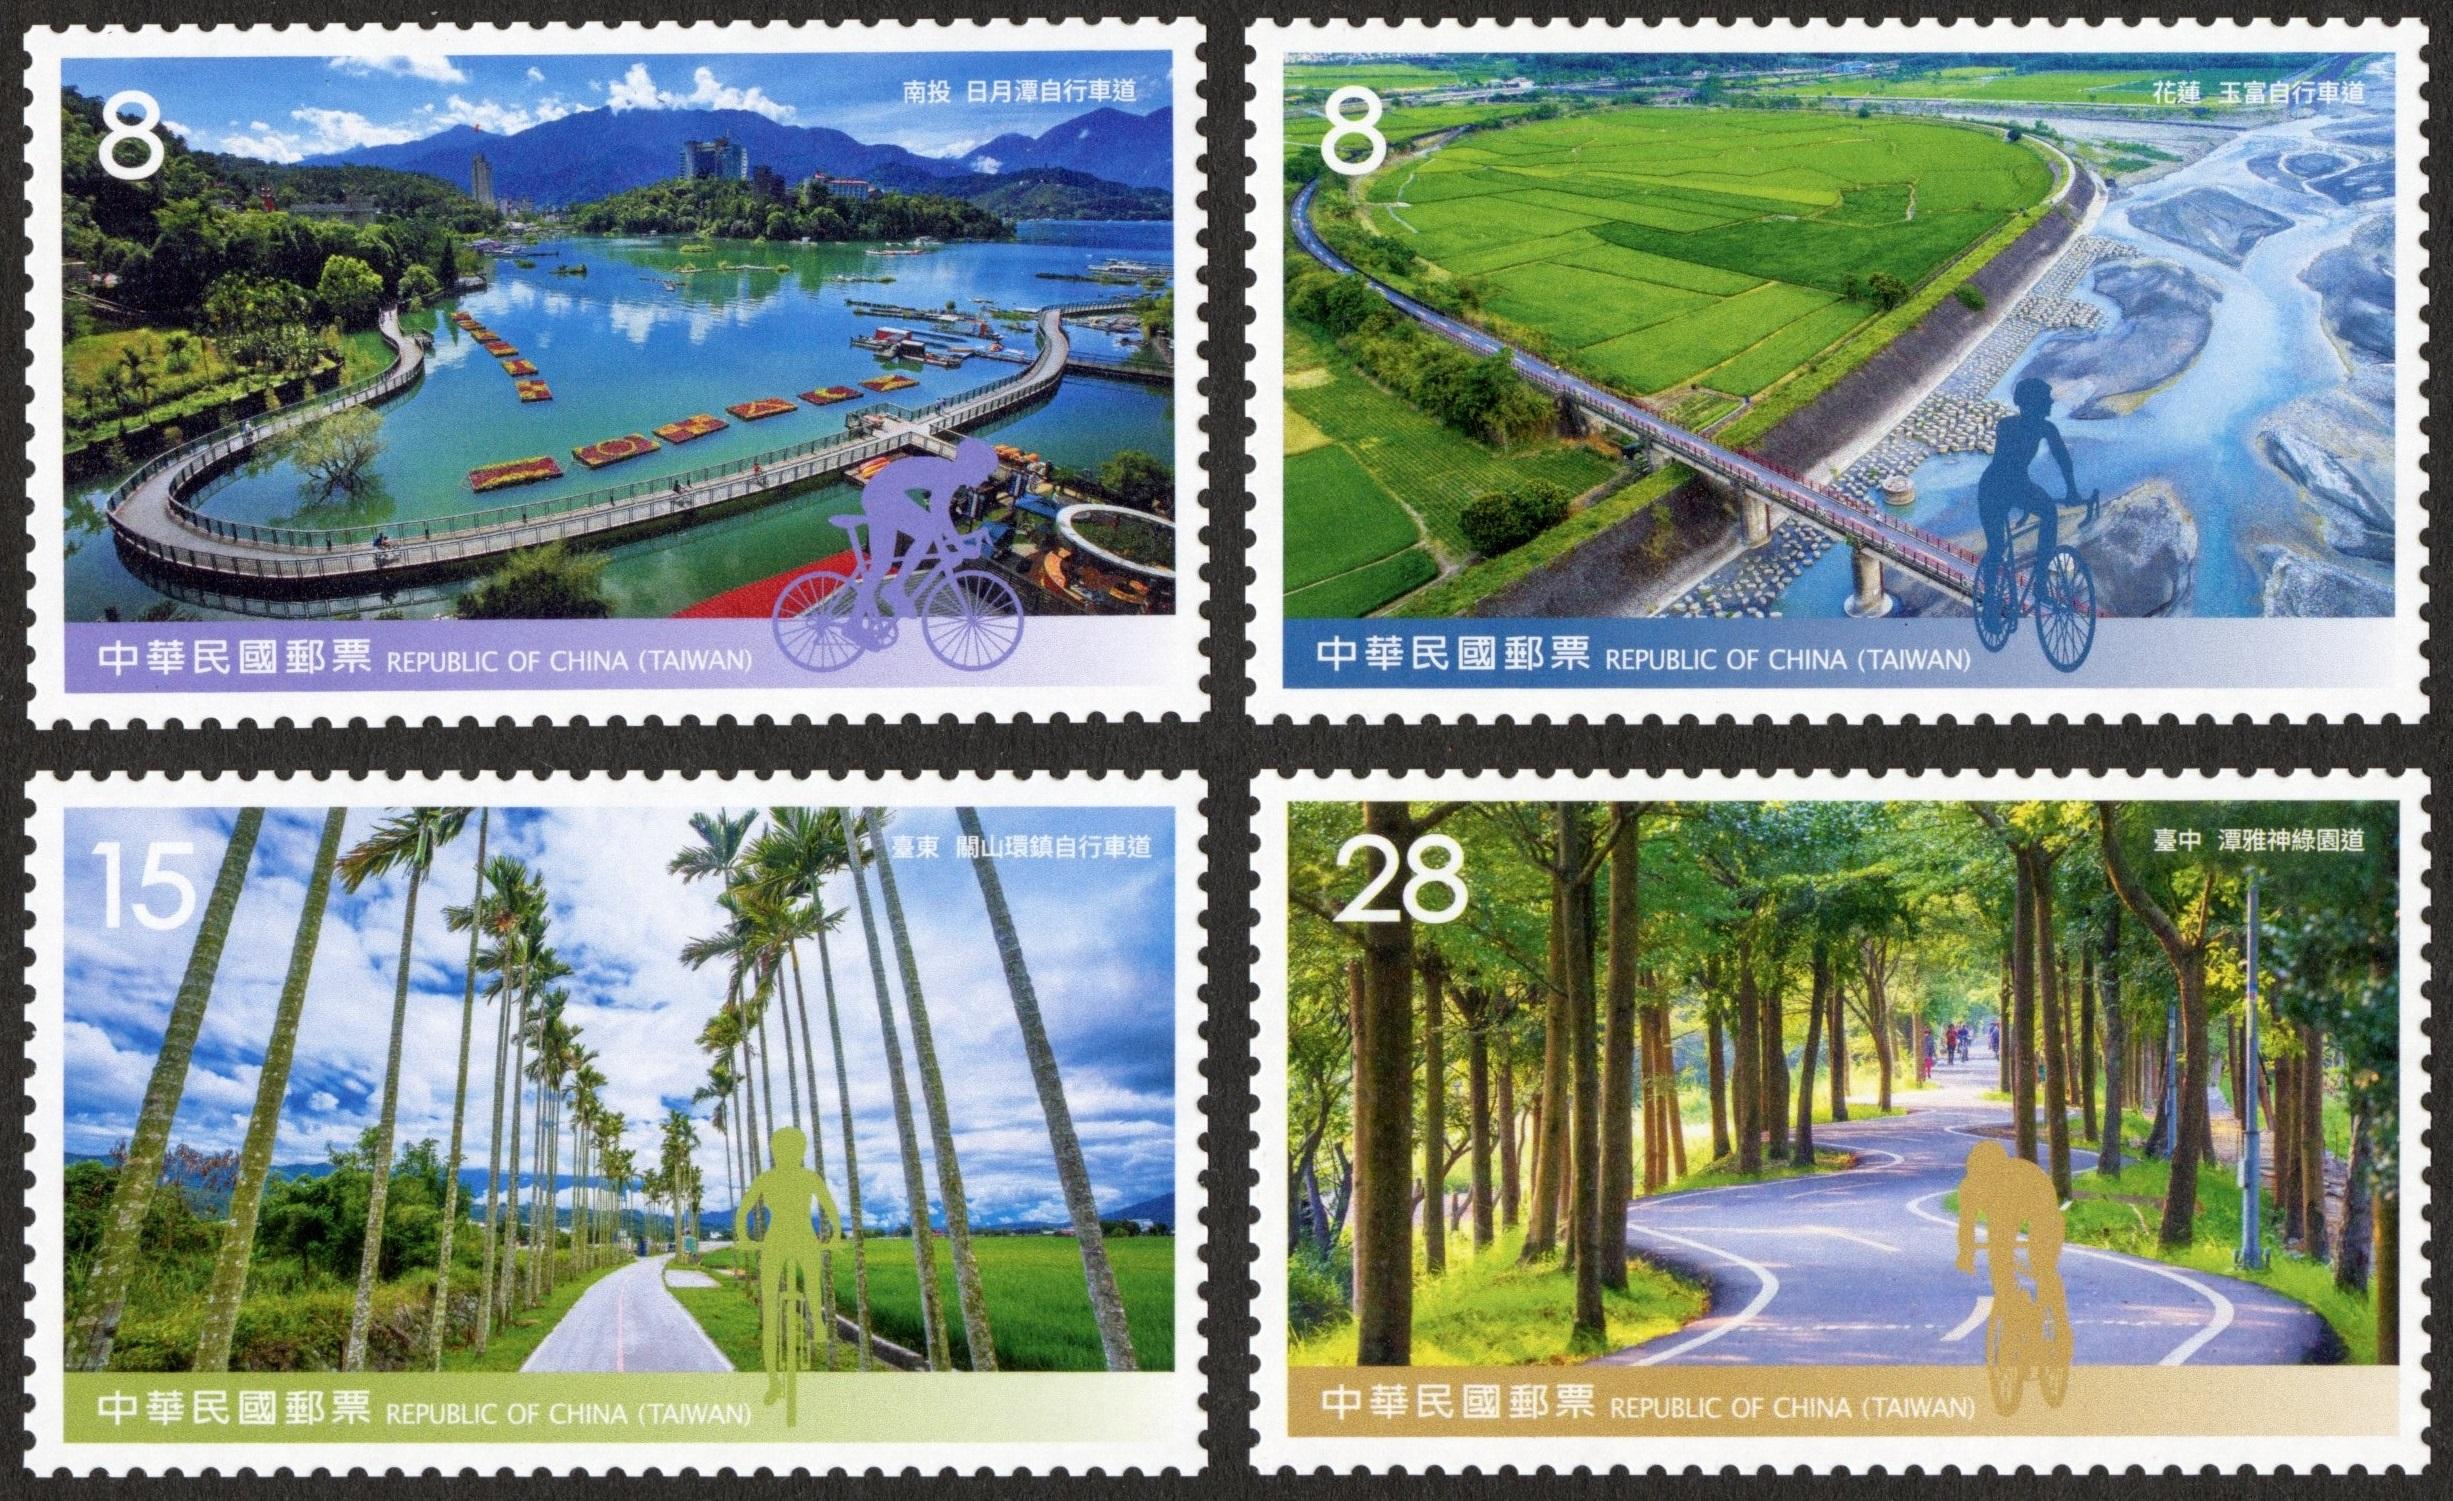 臺灣自行車道郵票(110年版)